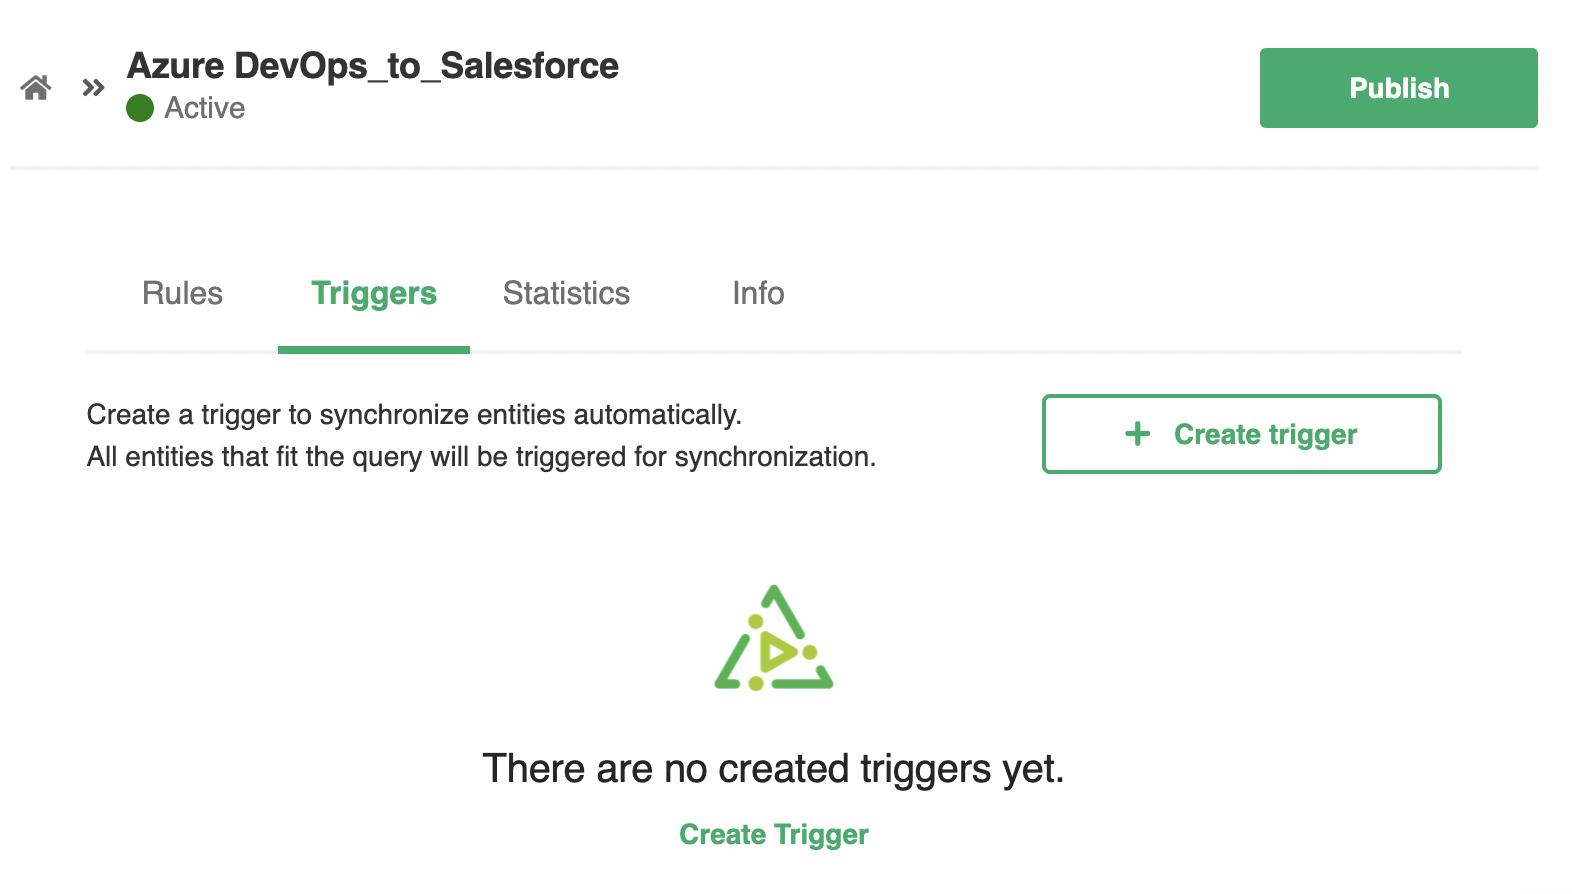 create azure devops salesforce integration triggers